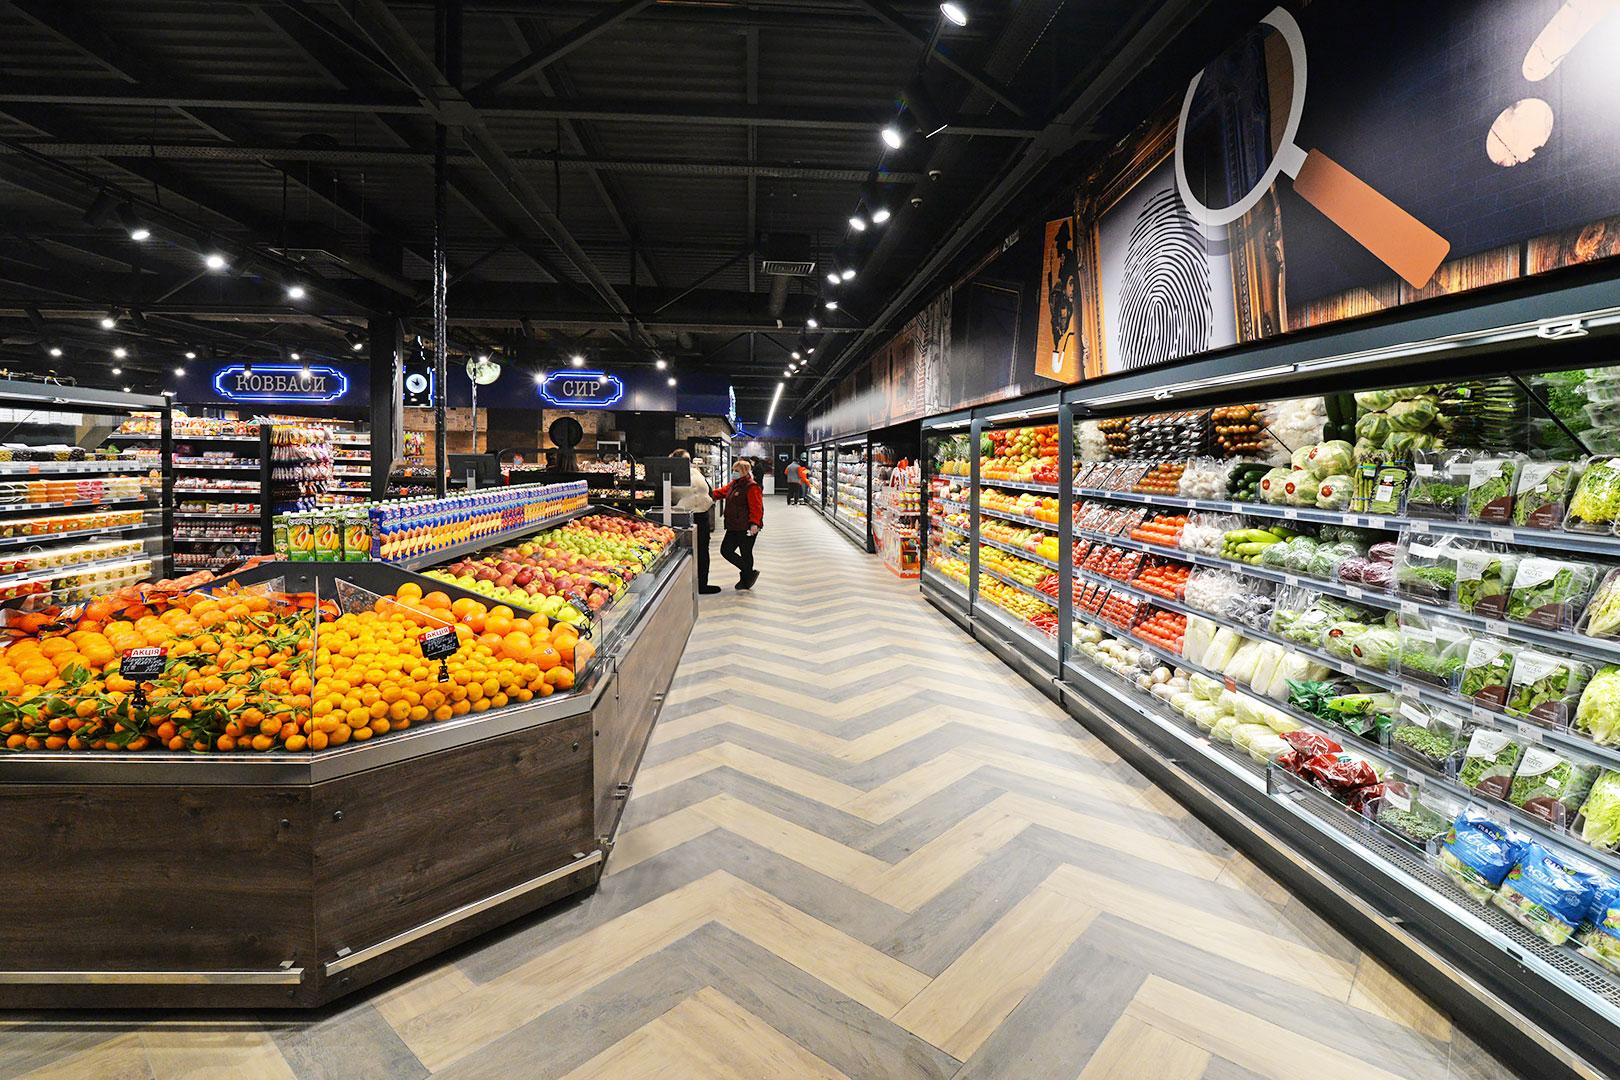 Специализированные витрины для продажи овощей и фруктов Missouri VF MC 110 VF self 110-DBM, Indiana MV 080 FV O 205-DLM